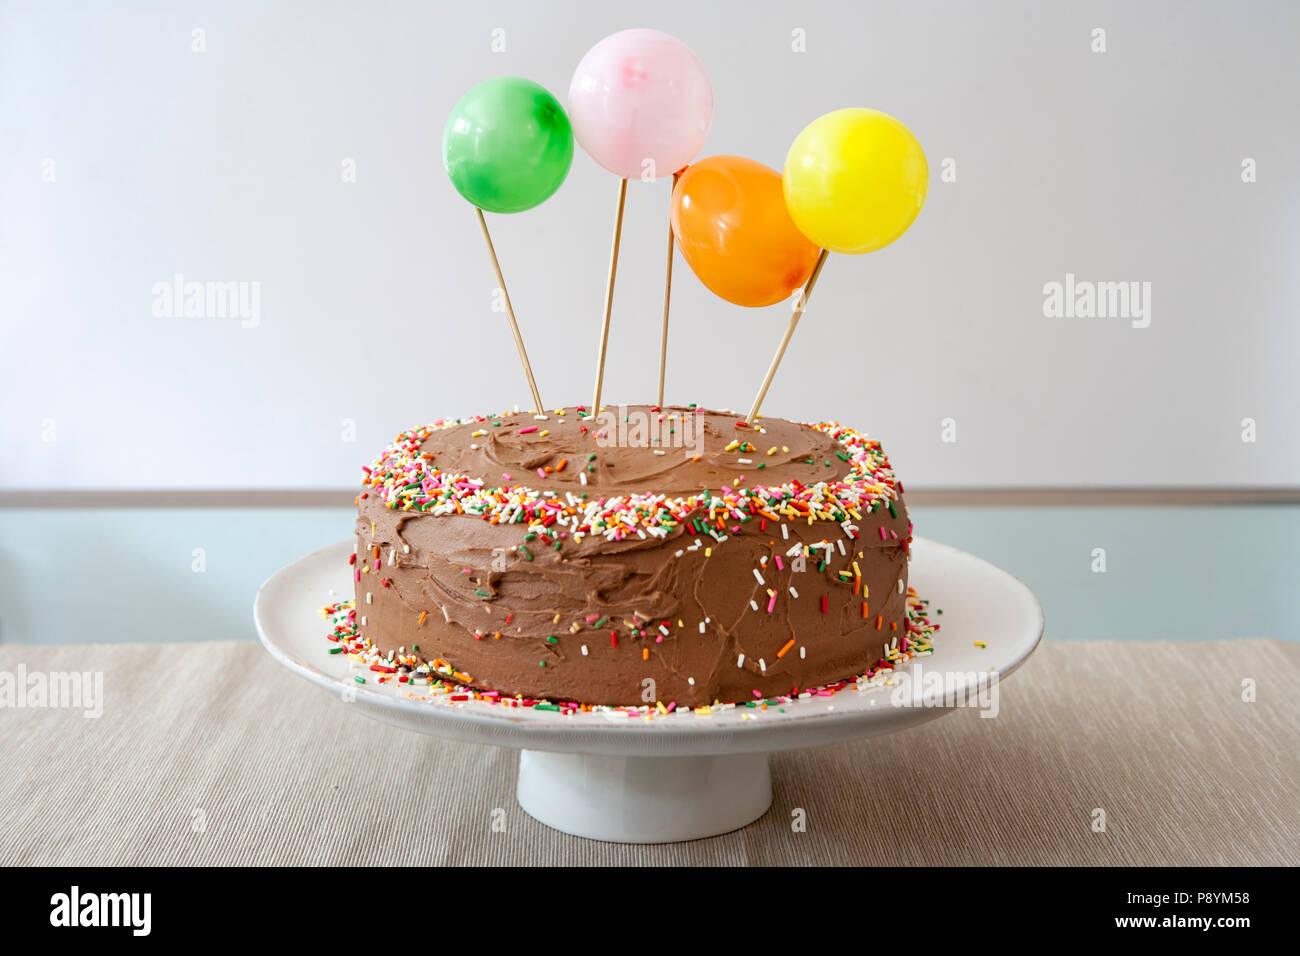 Geburtstag Kuchen mit Schokoladenglasur dekoriert mit Ballons und Streuseln Stockbild